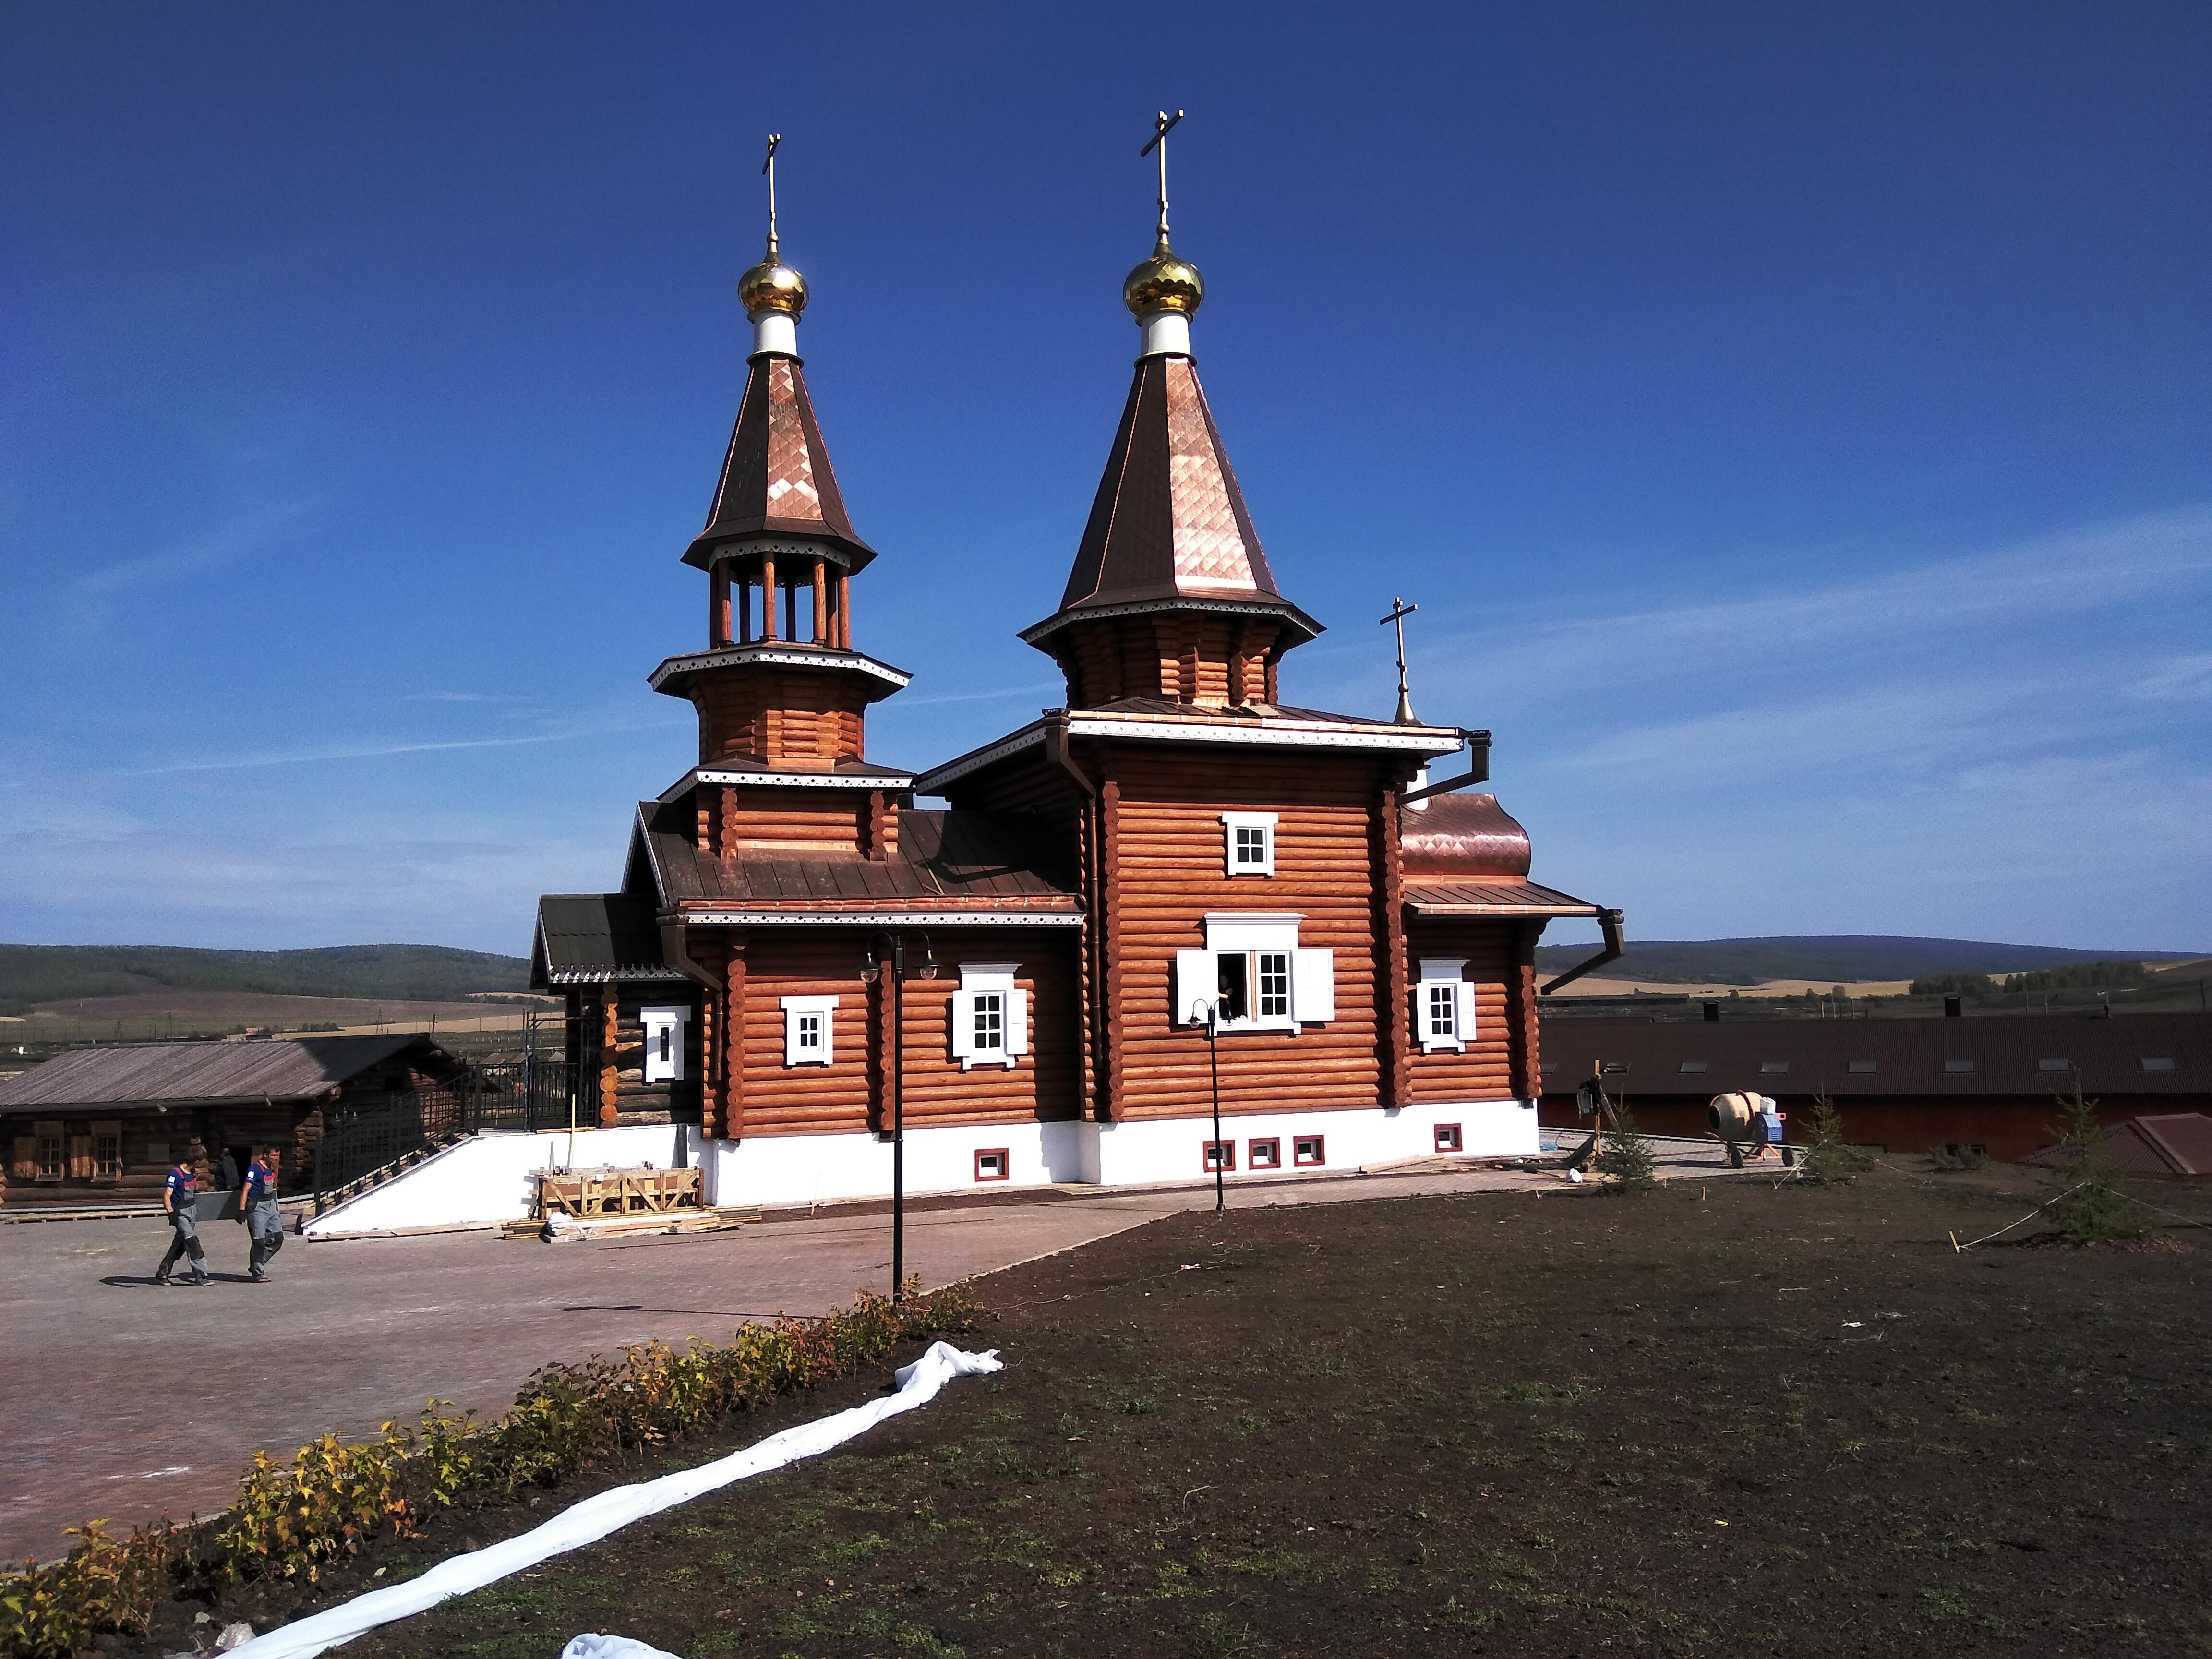 Программа  празднования 220-летия со дня рождения святителя Иннокентия (Вениаминова) и 40-летия его канонизации в Иркутской области